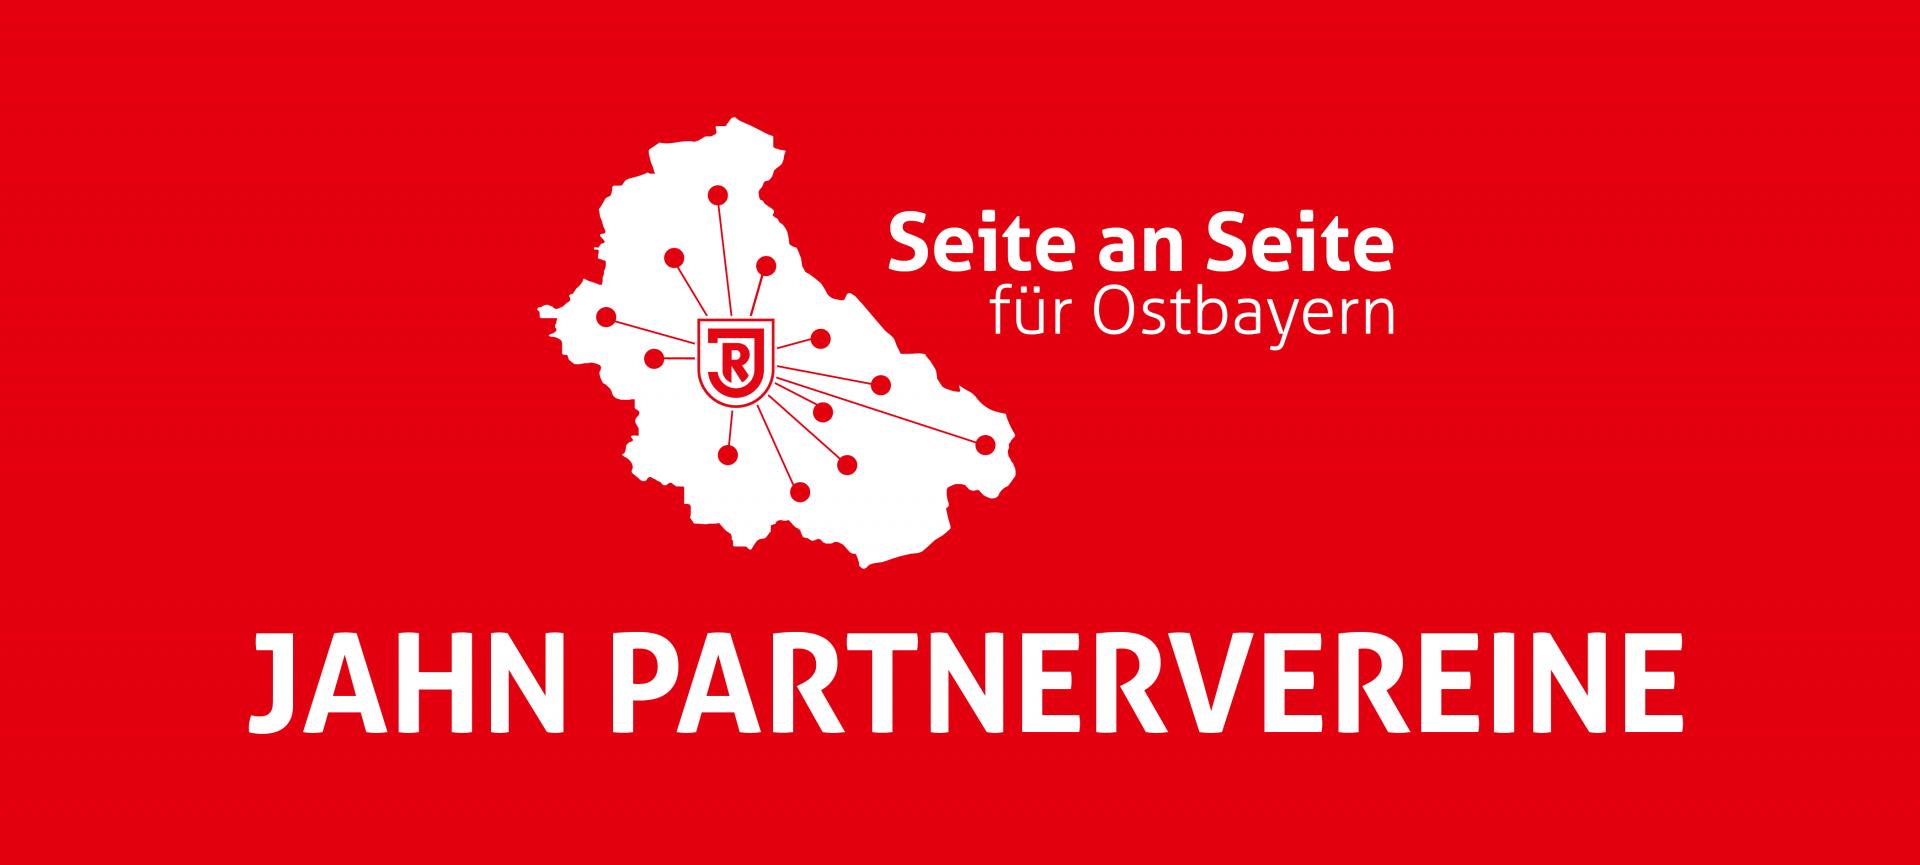 Jahn Partnervereine